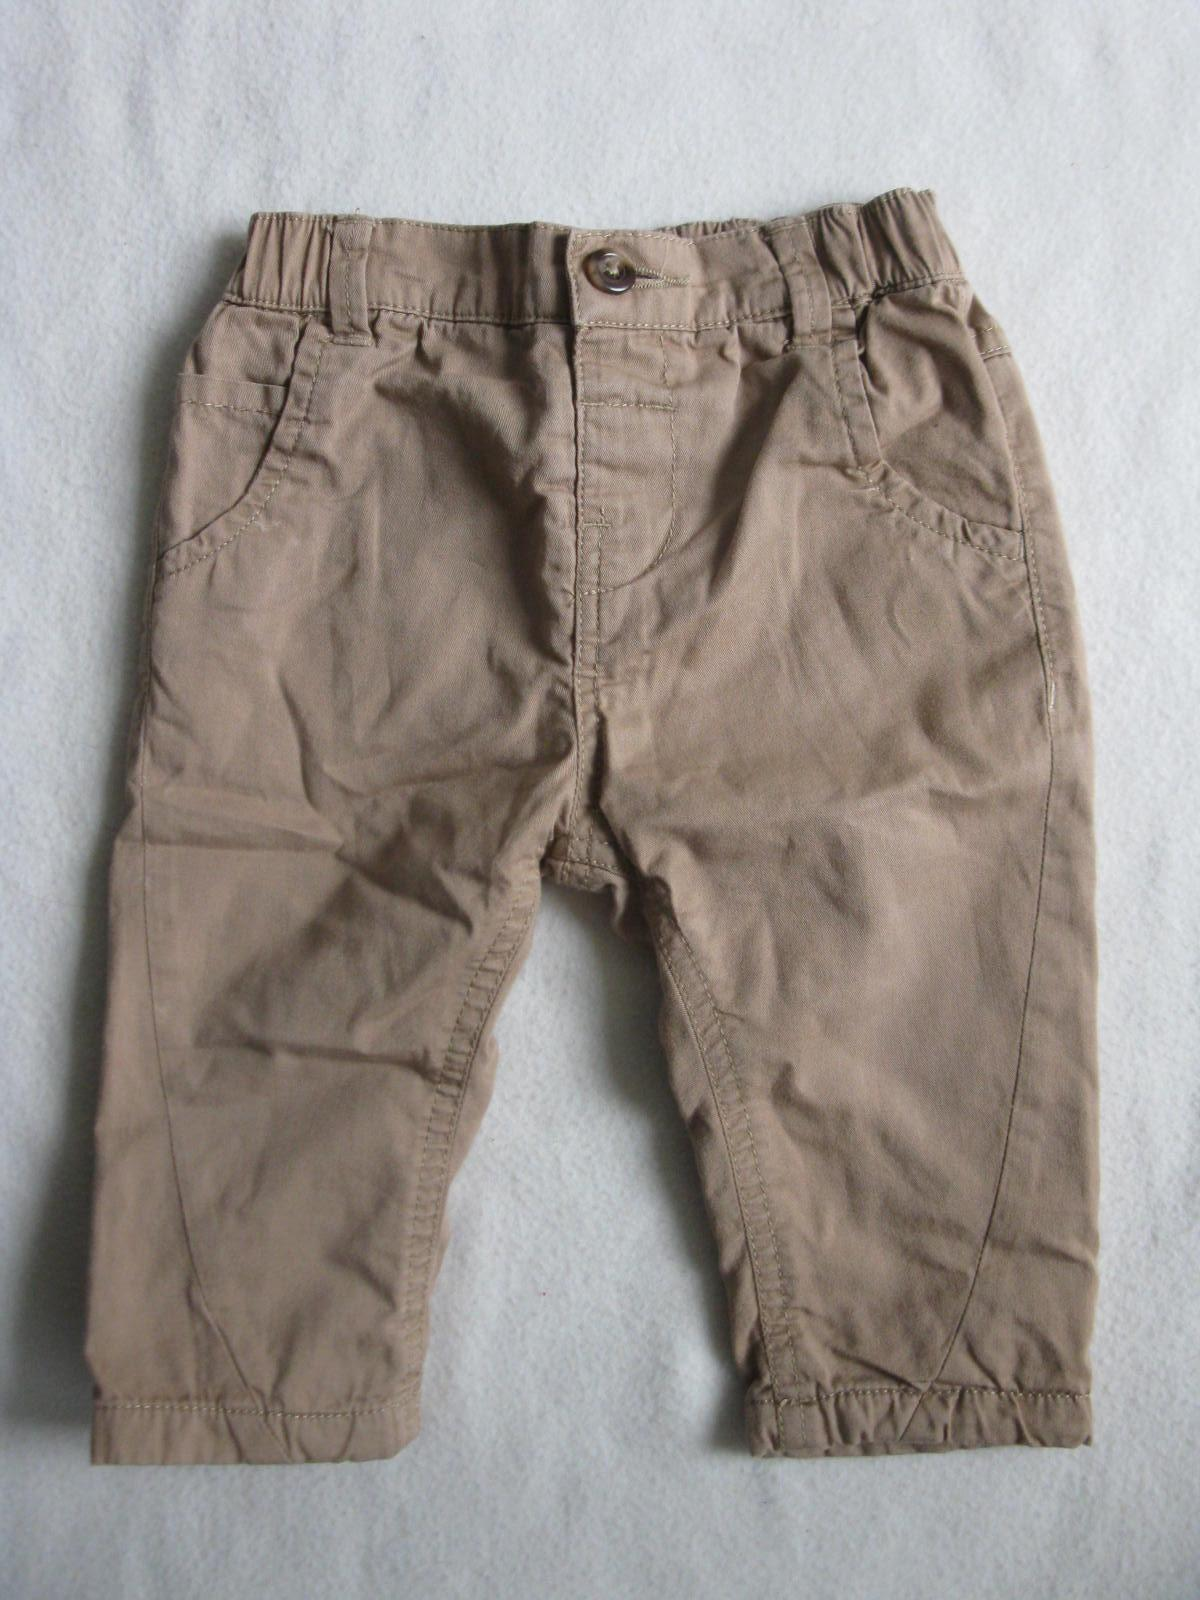 Podšité kalhoty Next - Obrázek č. 1